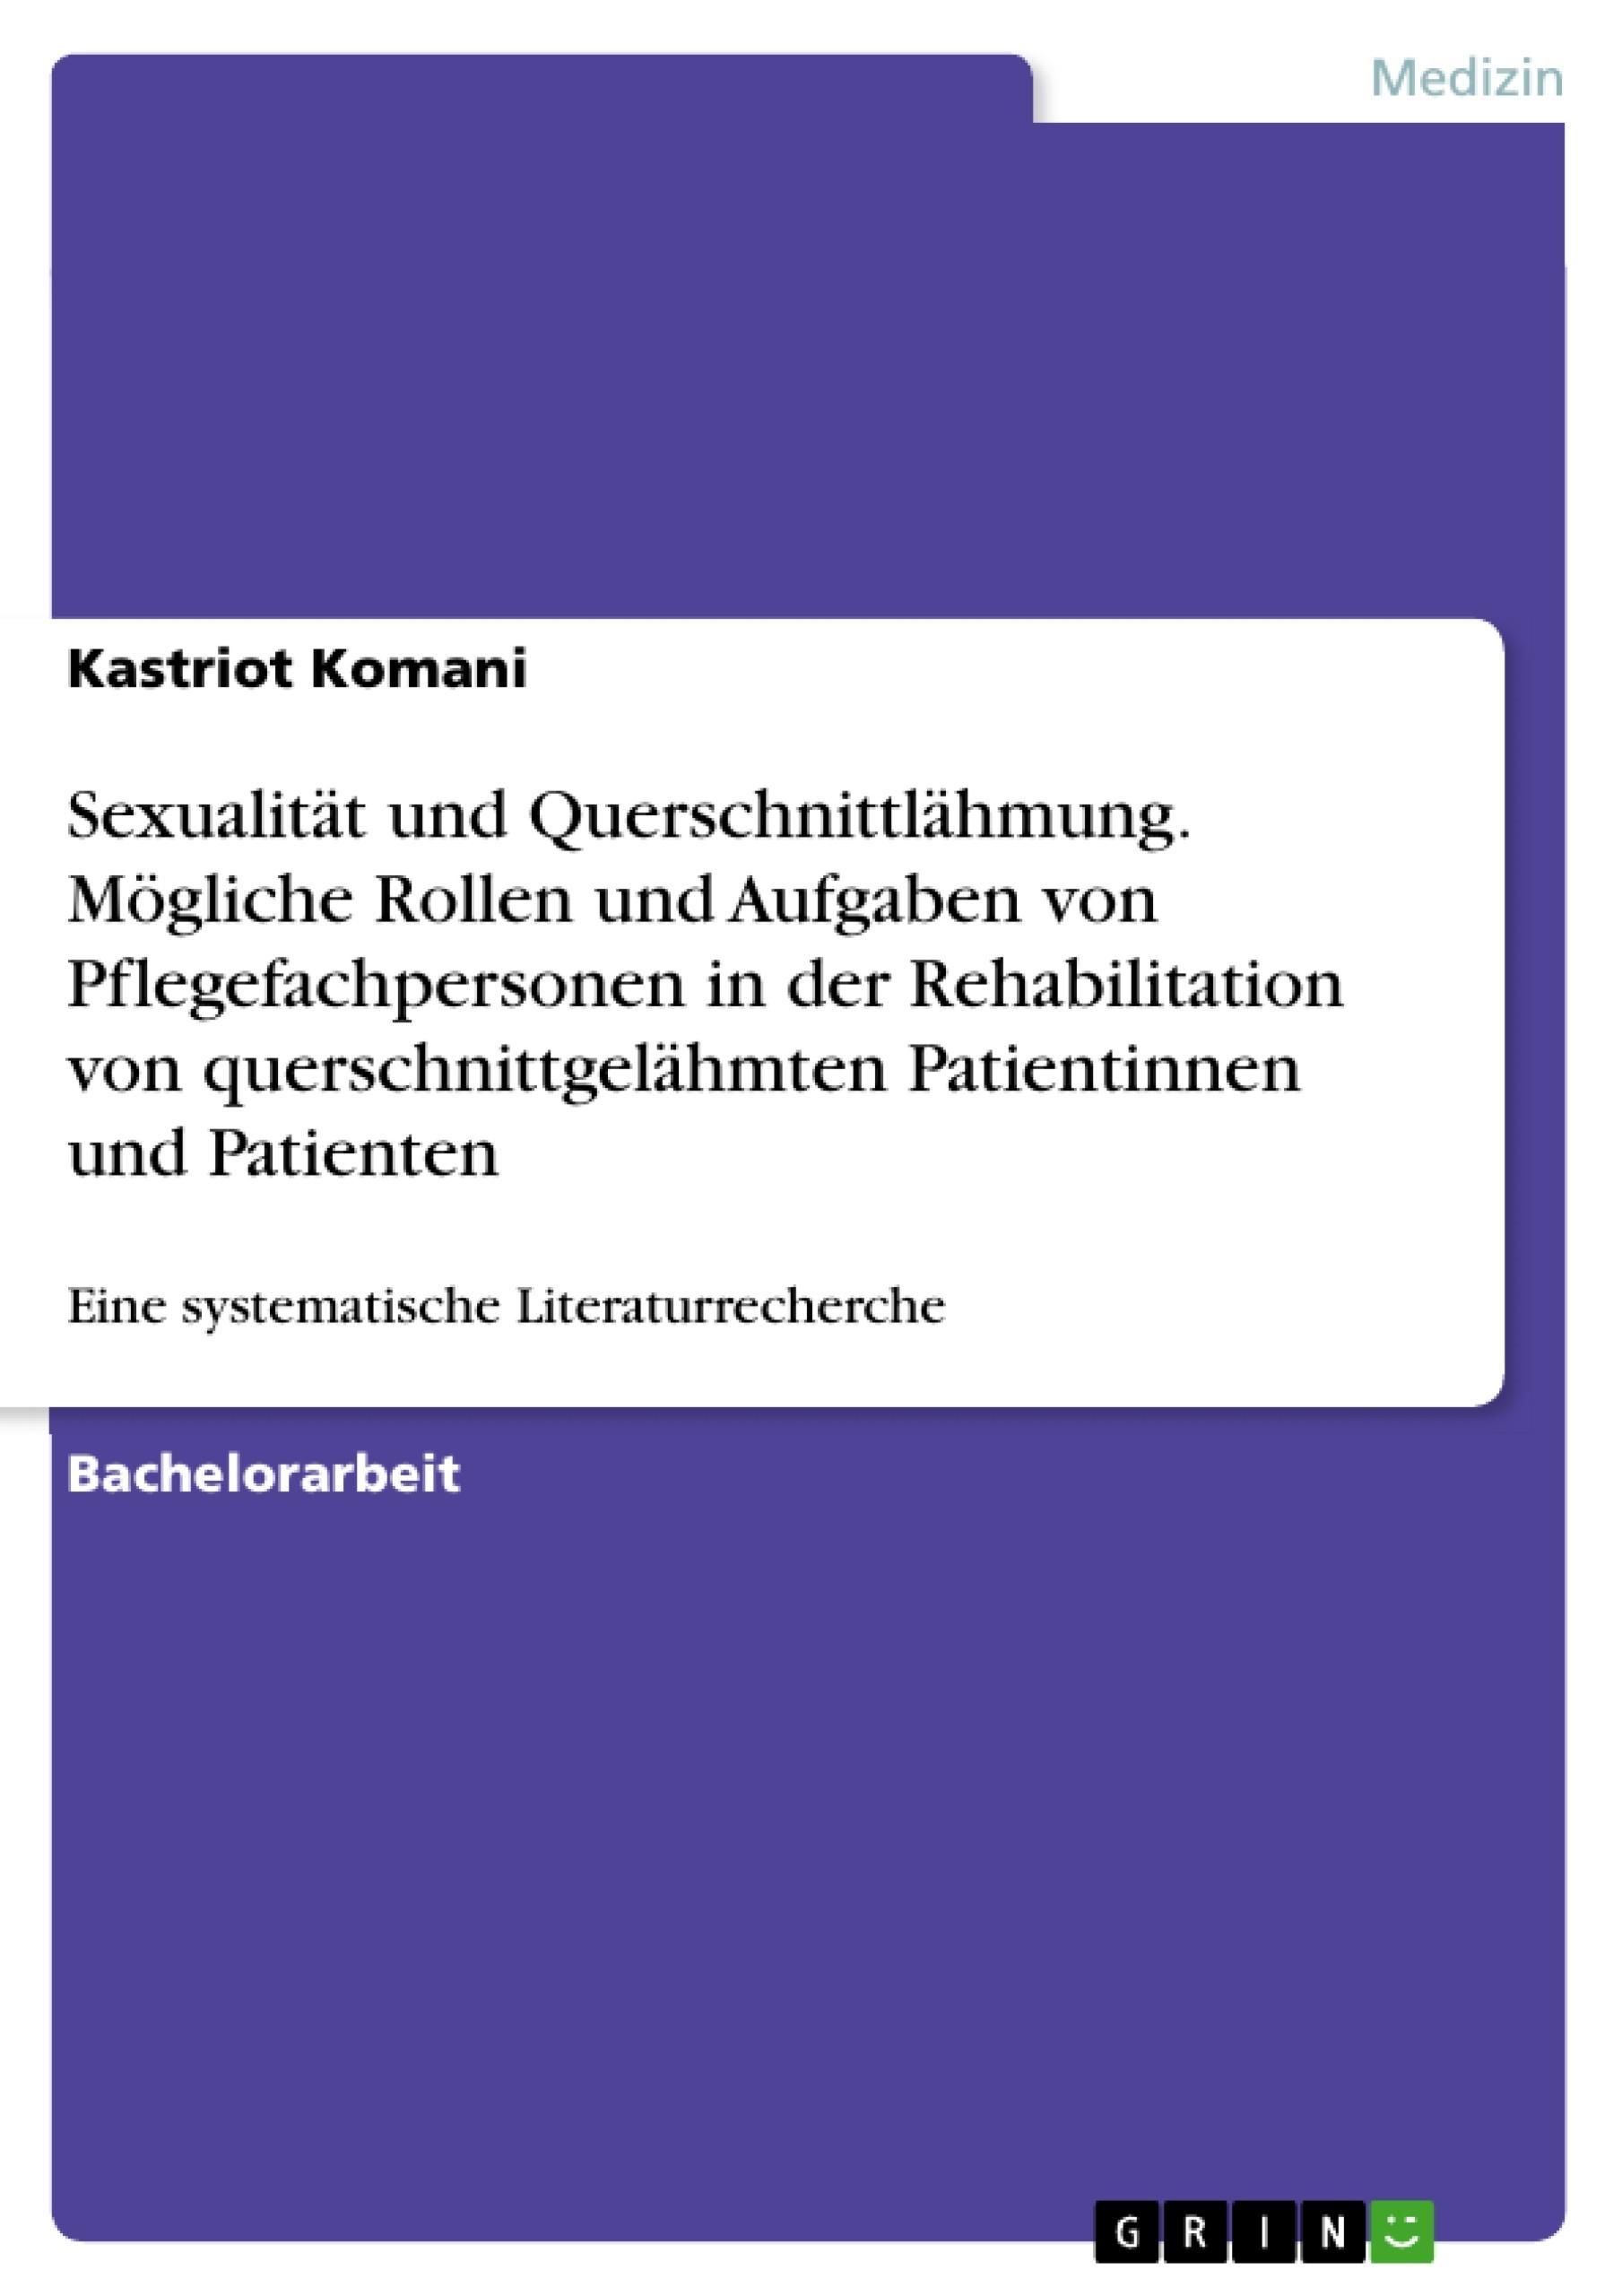 Titel: Sexualität und Querschnittlähmung. Mögliche Rollen und Aufgaben von Pflegefachpersonen in der Rehabilitation von querschnittgelähmten Patientinnen und Patienten